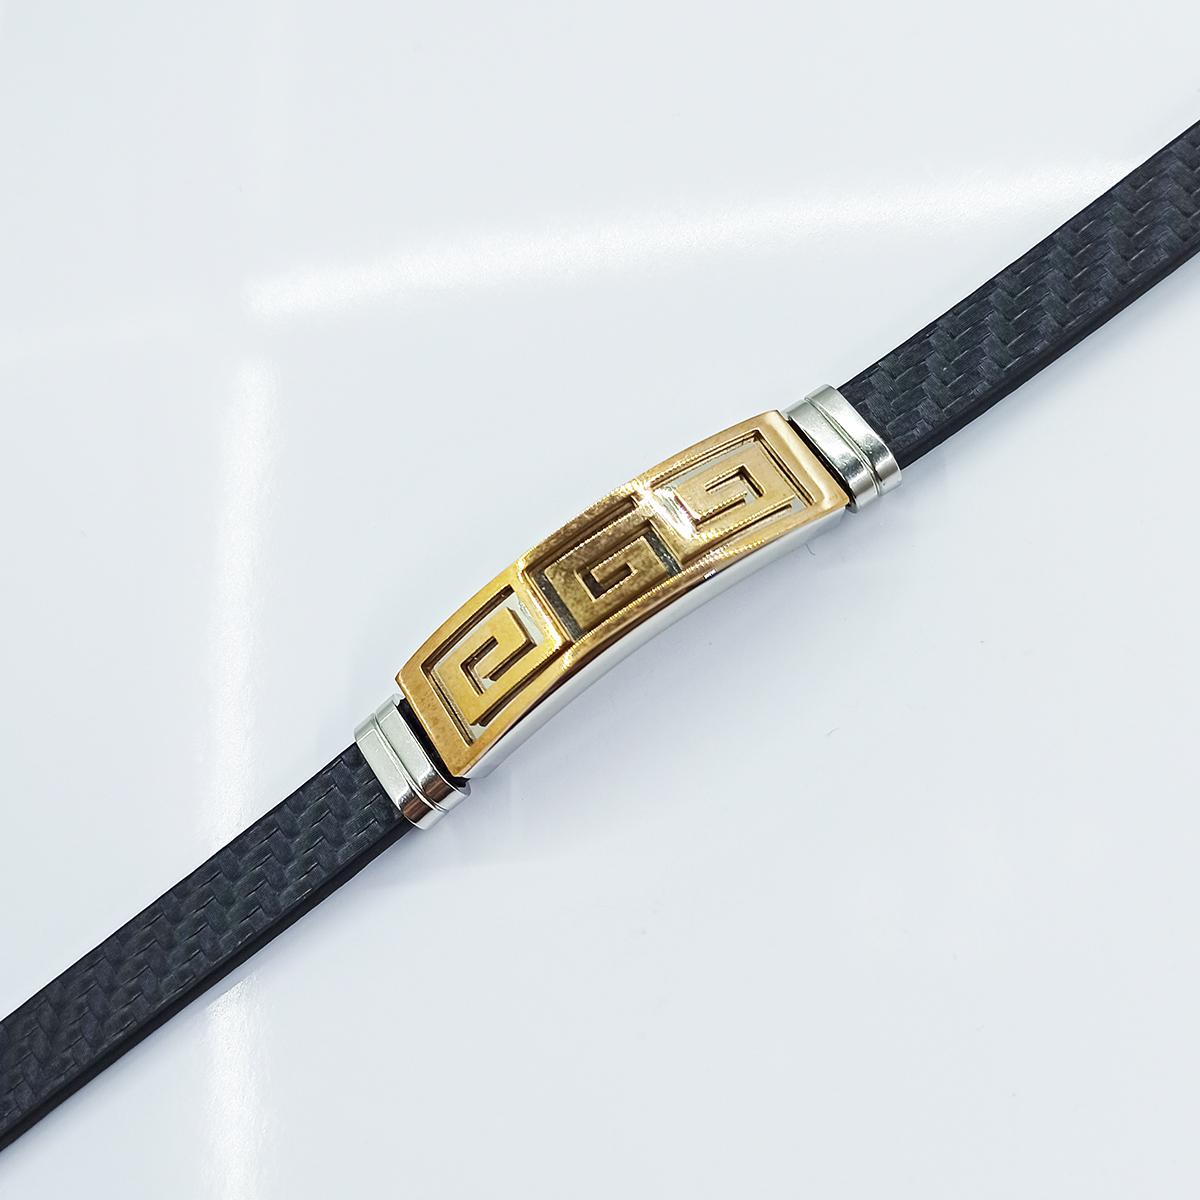 دستبند سلین کالا مدل استیل ce-As41